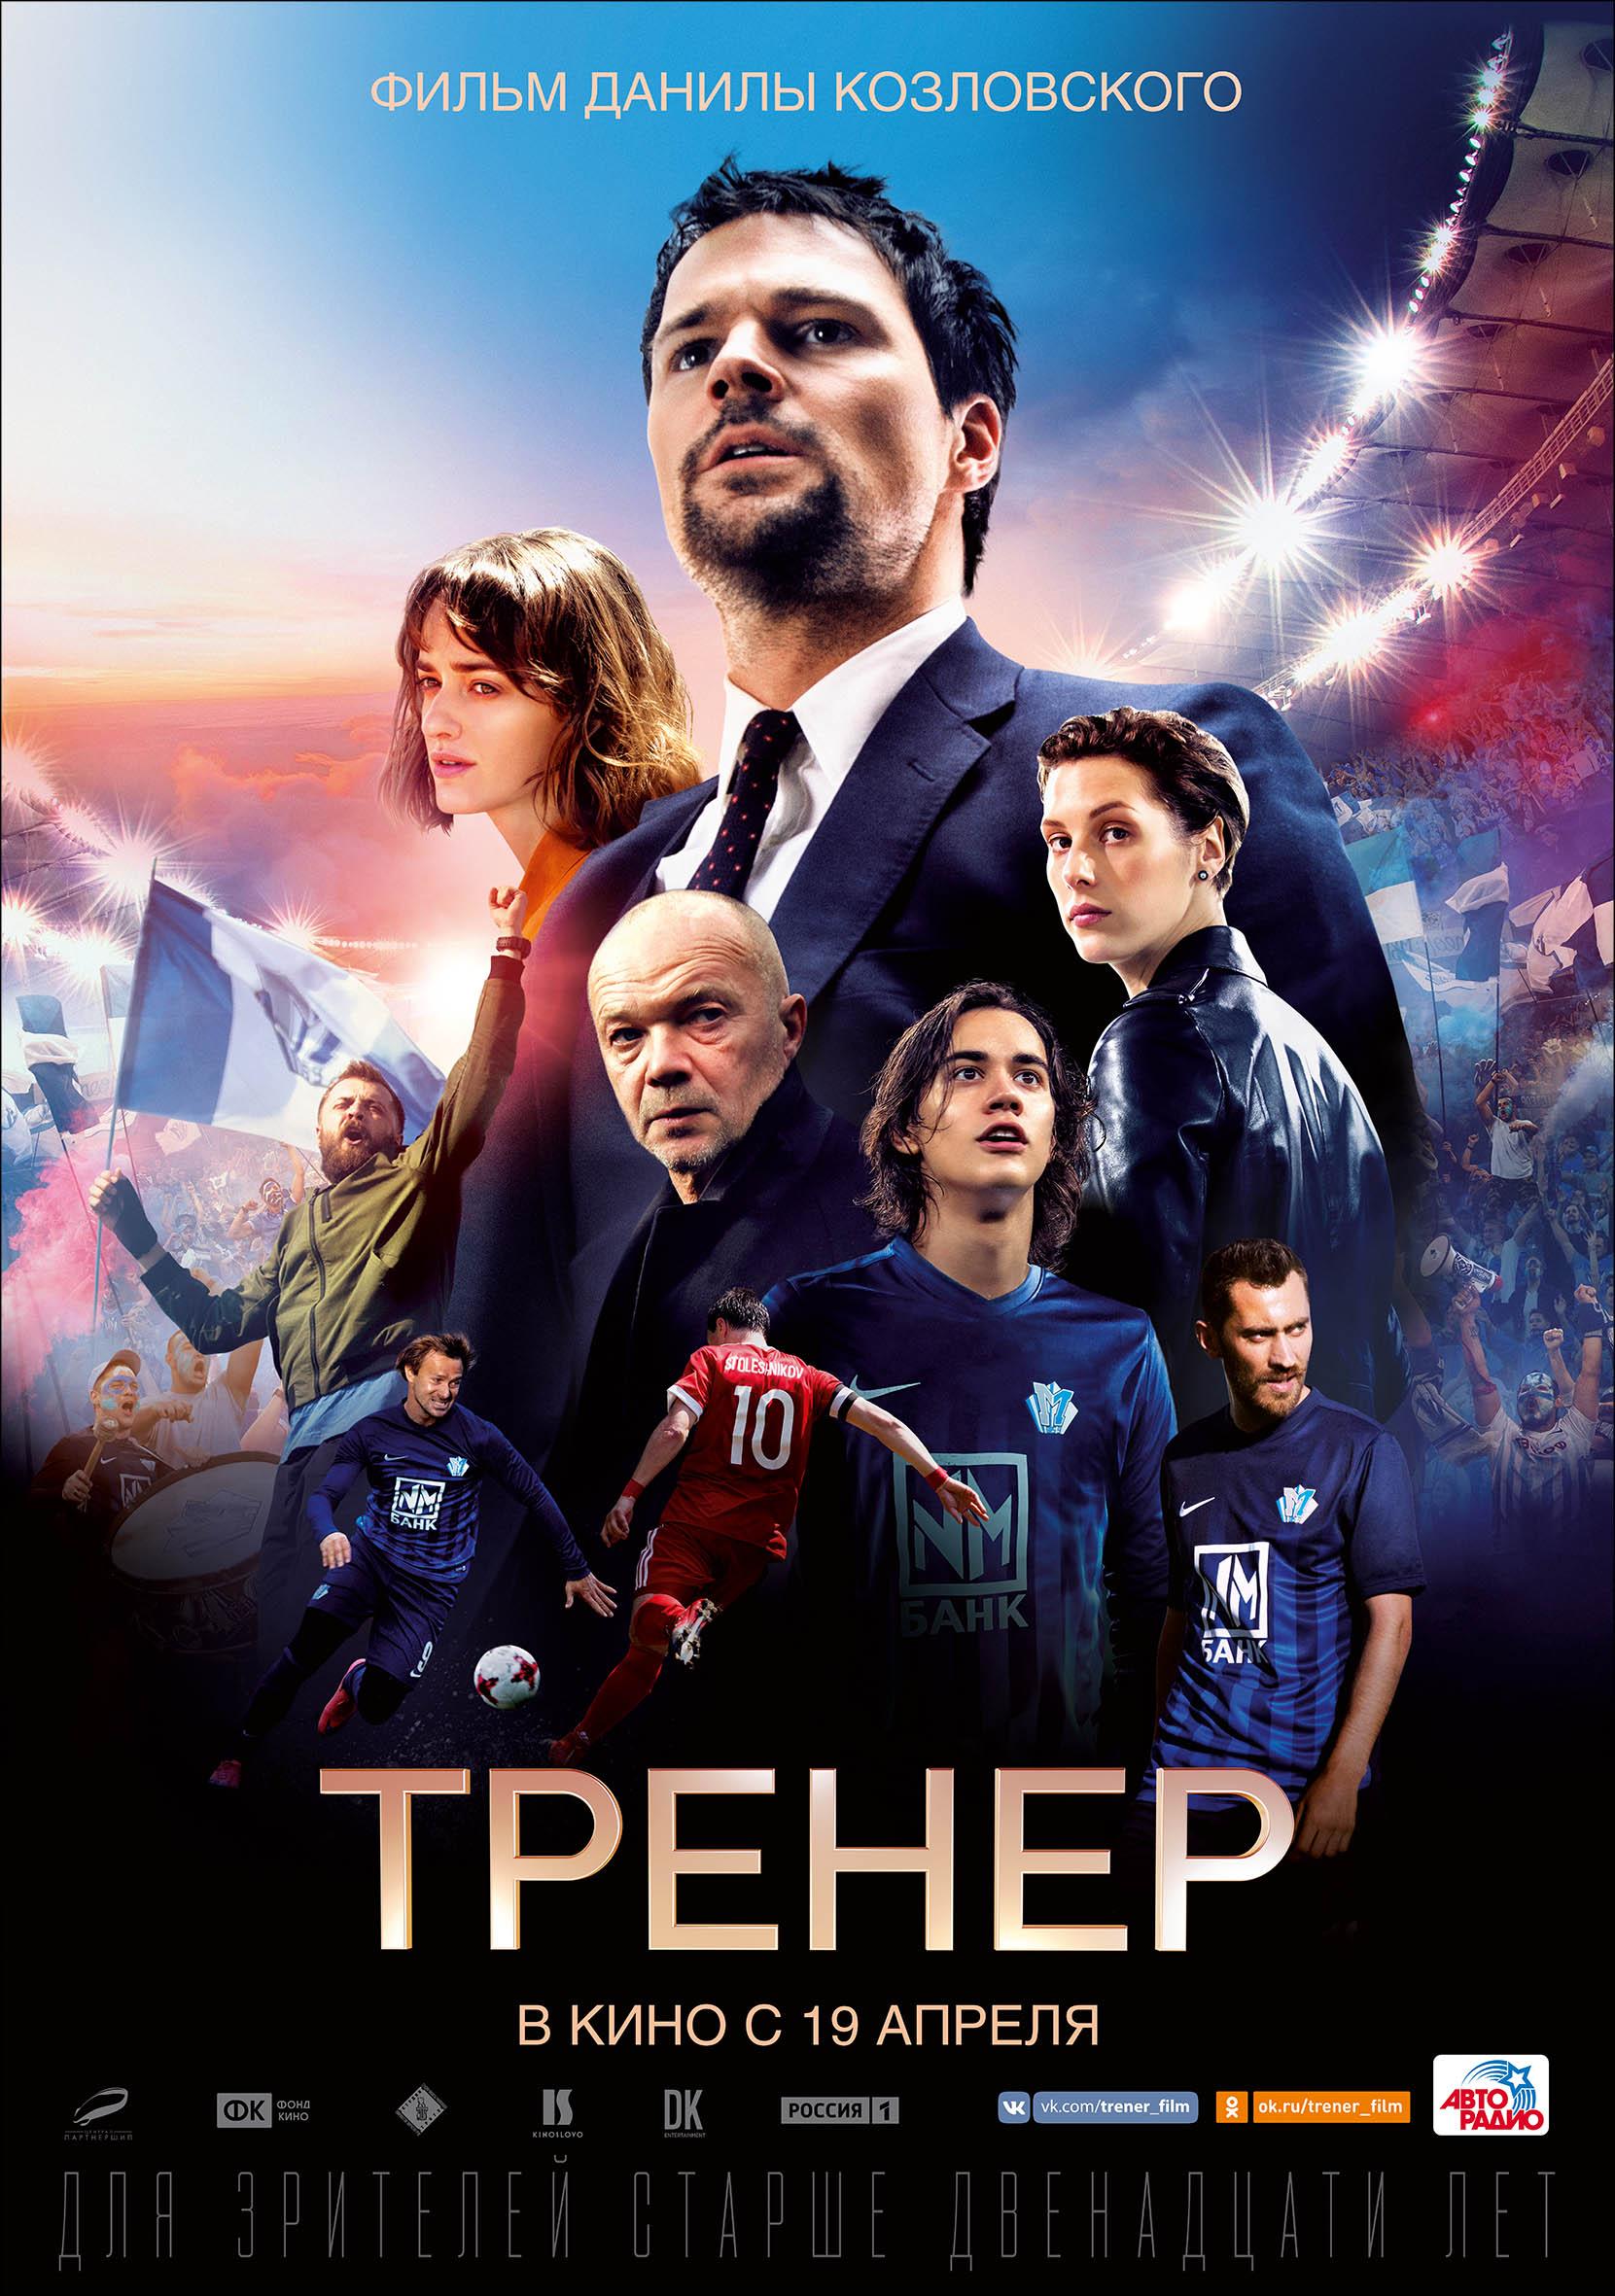 Тренер, постер № 2